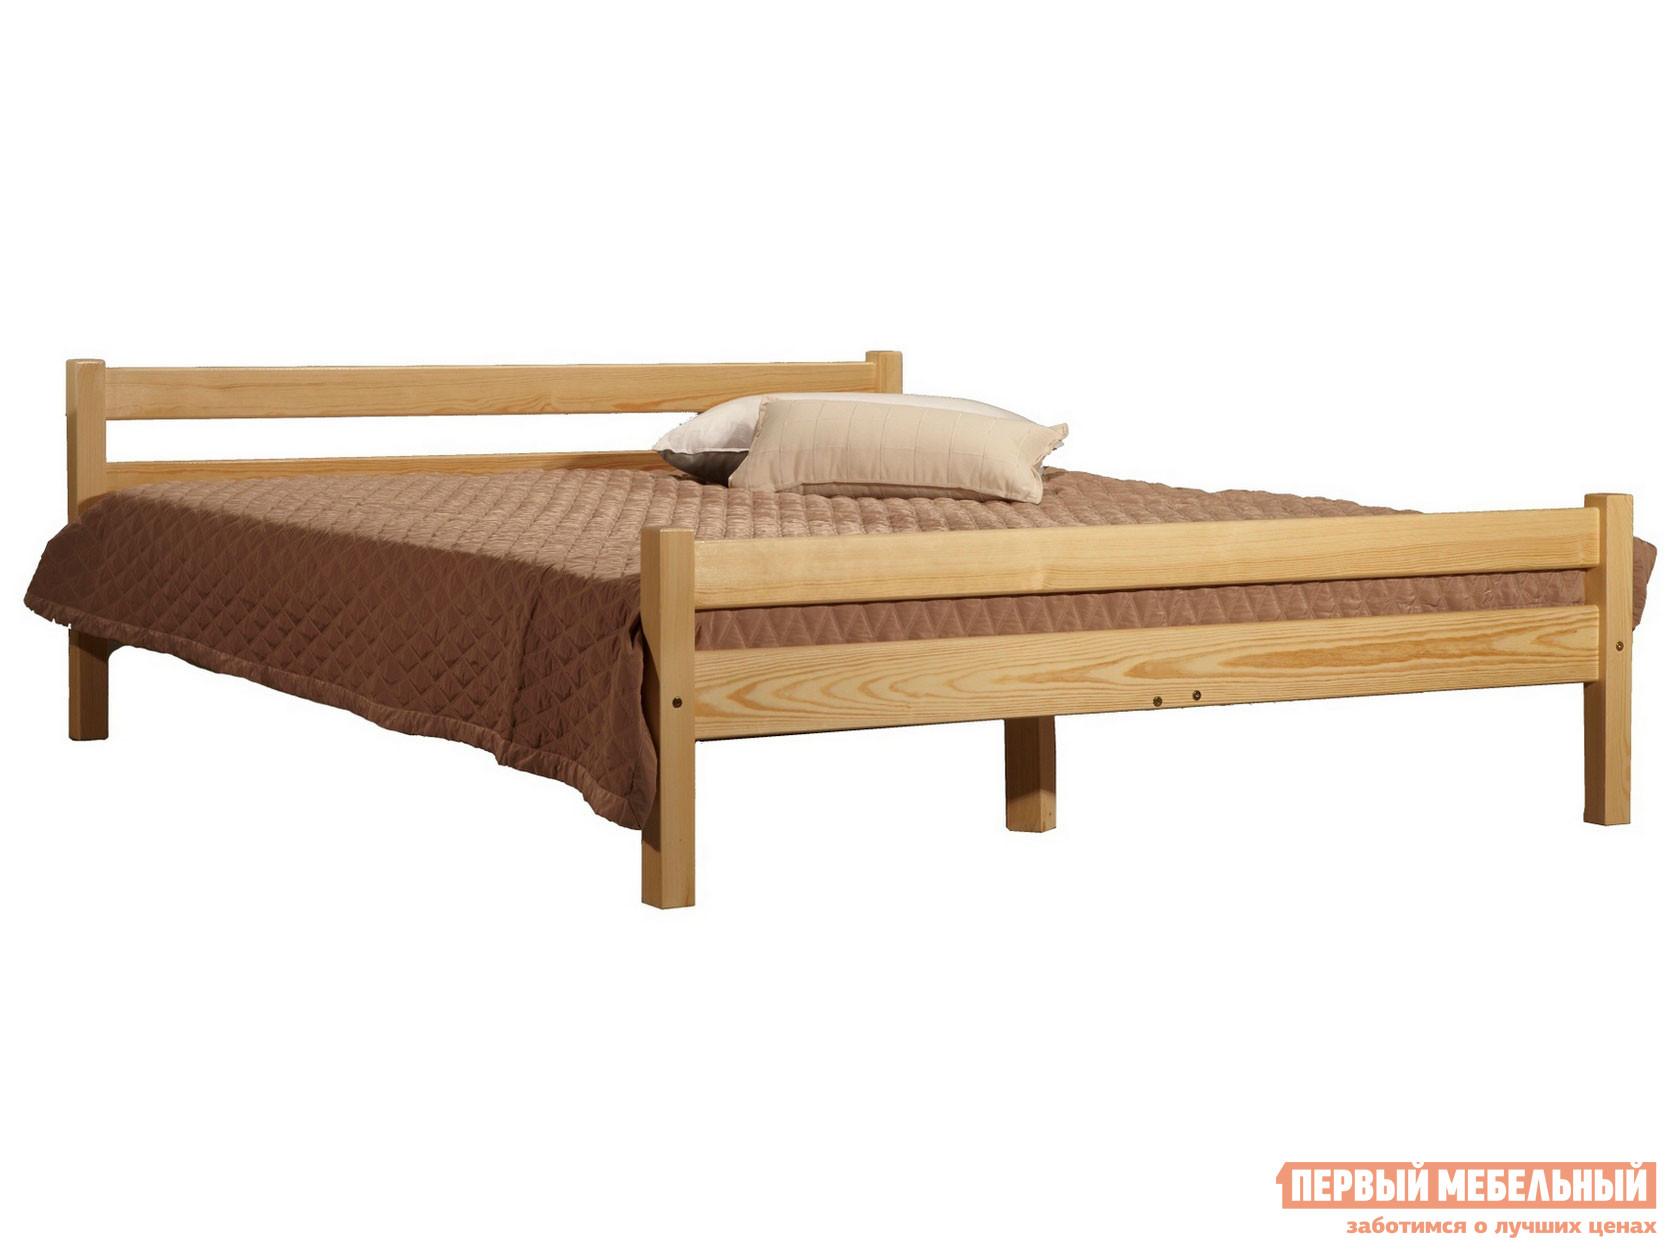 Двуспальная кровать из дерева Timberica Кровать Классик